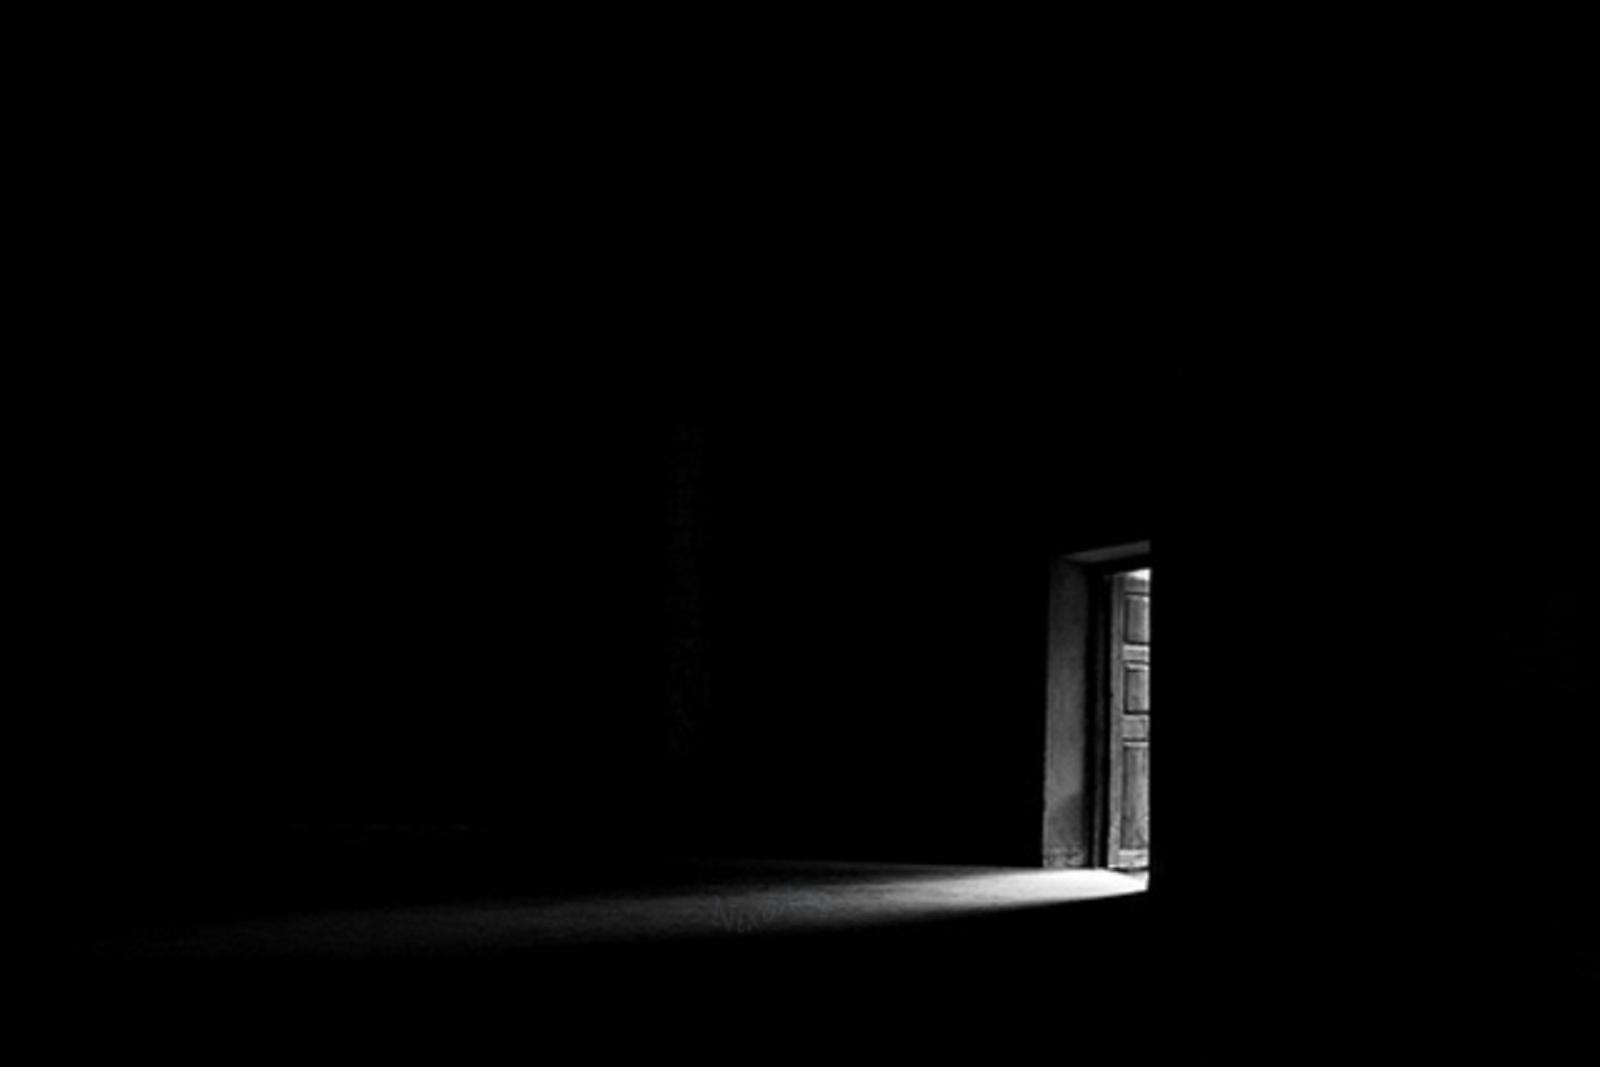 Πόρτα στὸ Φῶς.